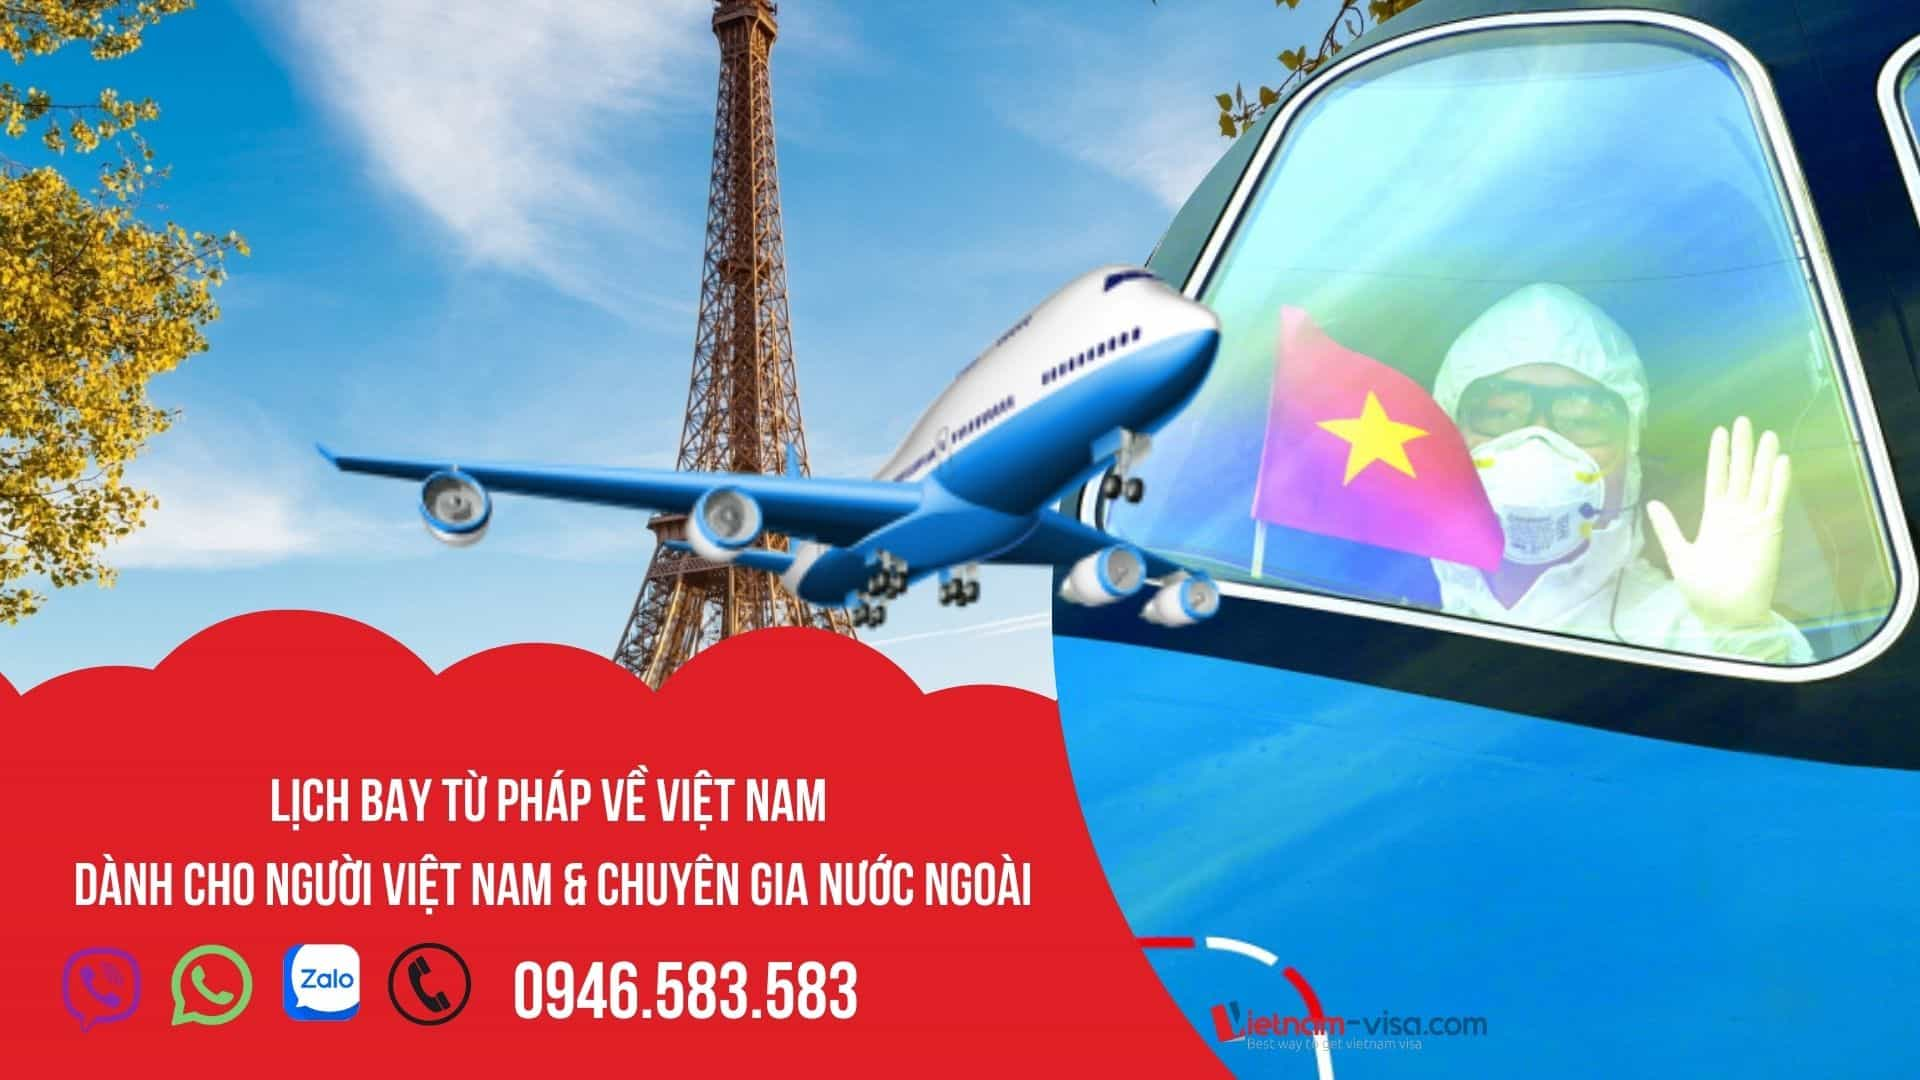 Đặt vé máy bay bay từ Pháp về Việt Nam – Lịch bay tháng 10, 11 & 12/2021